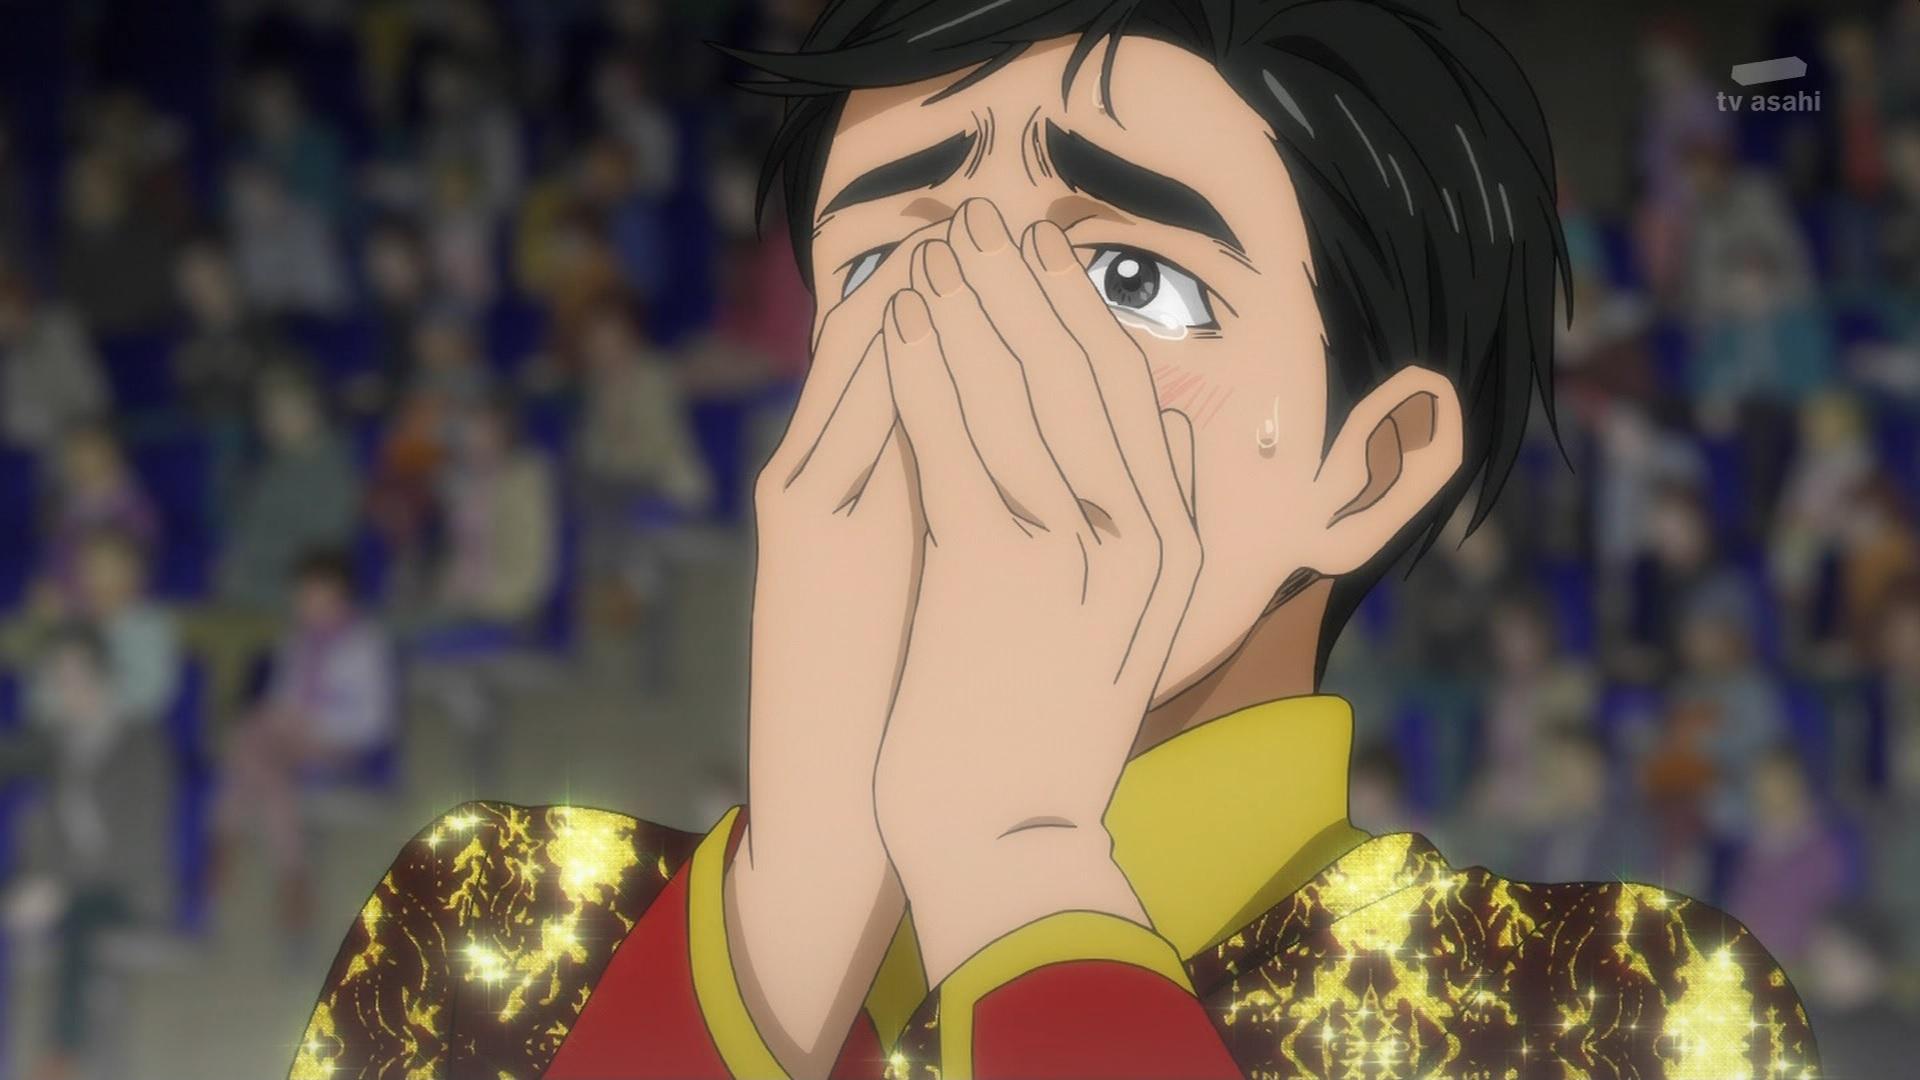 泣くピチット(第11話画像)